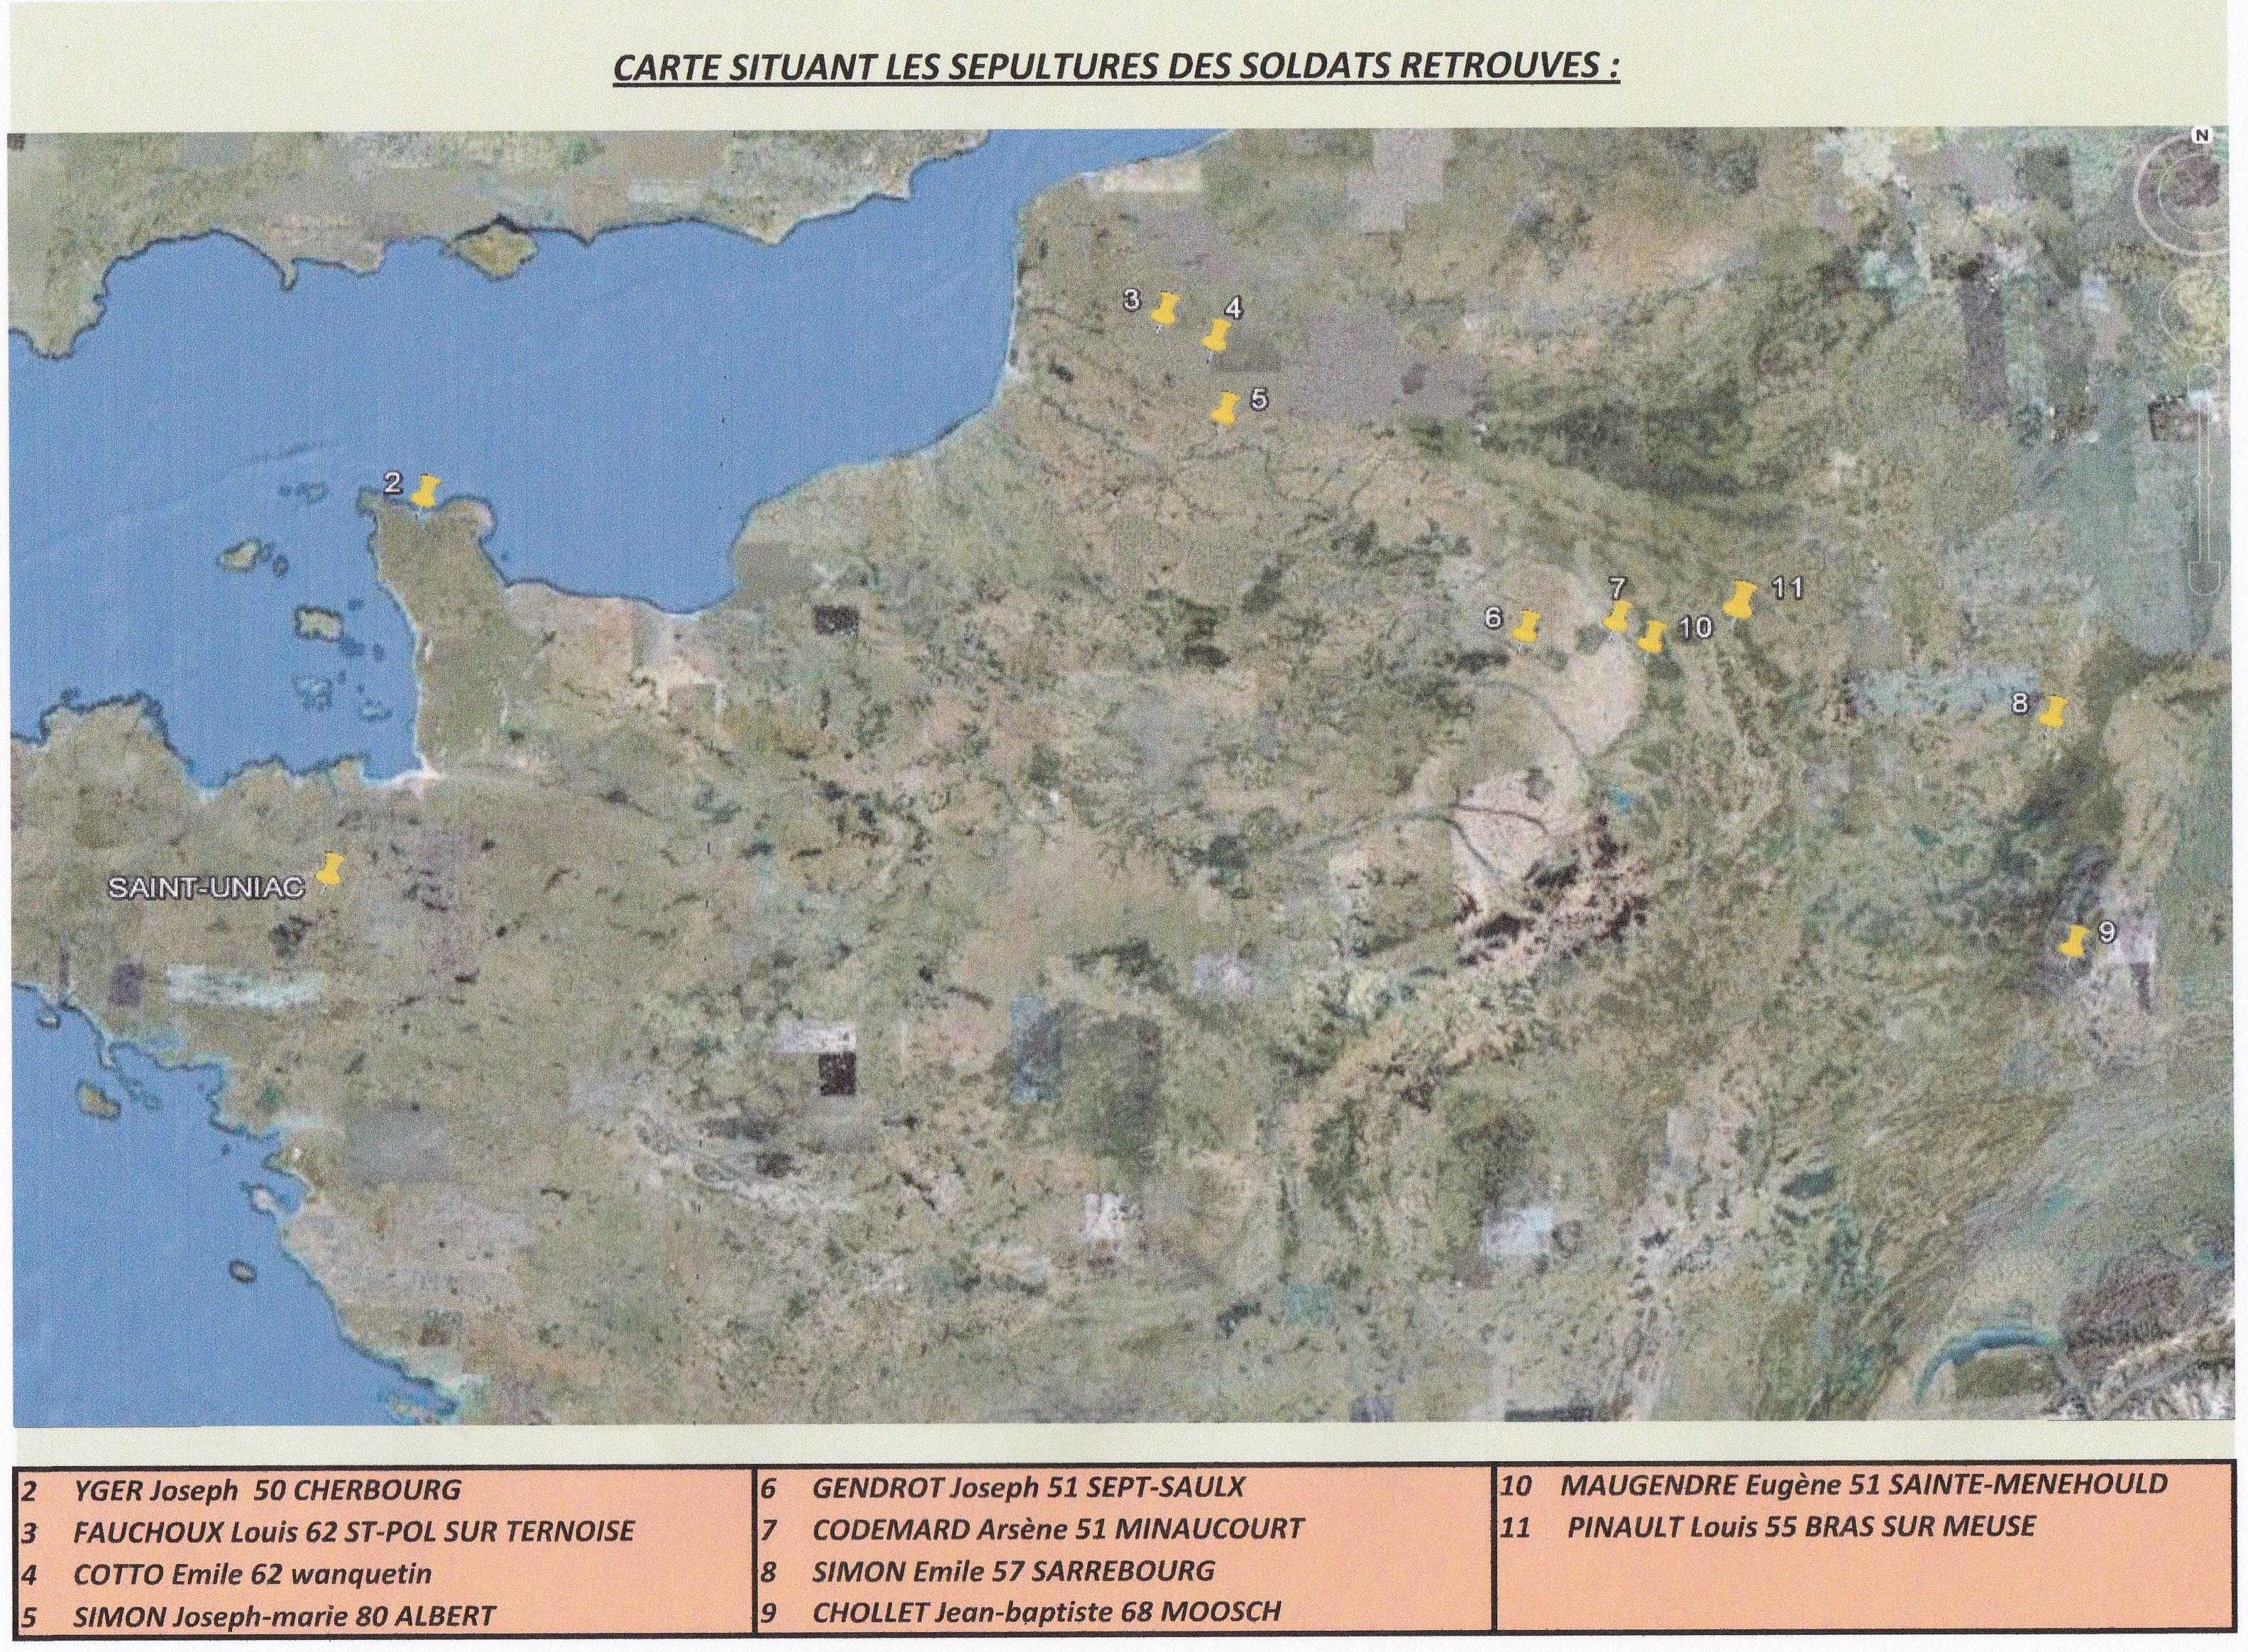 Carte de situation des sépultures : IMG1